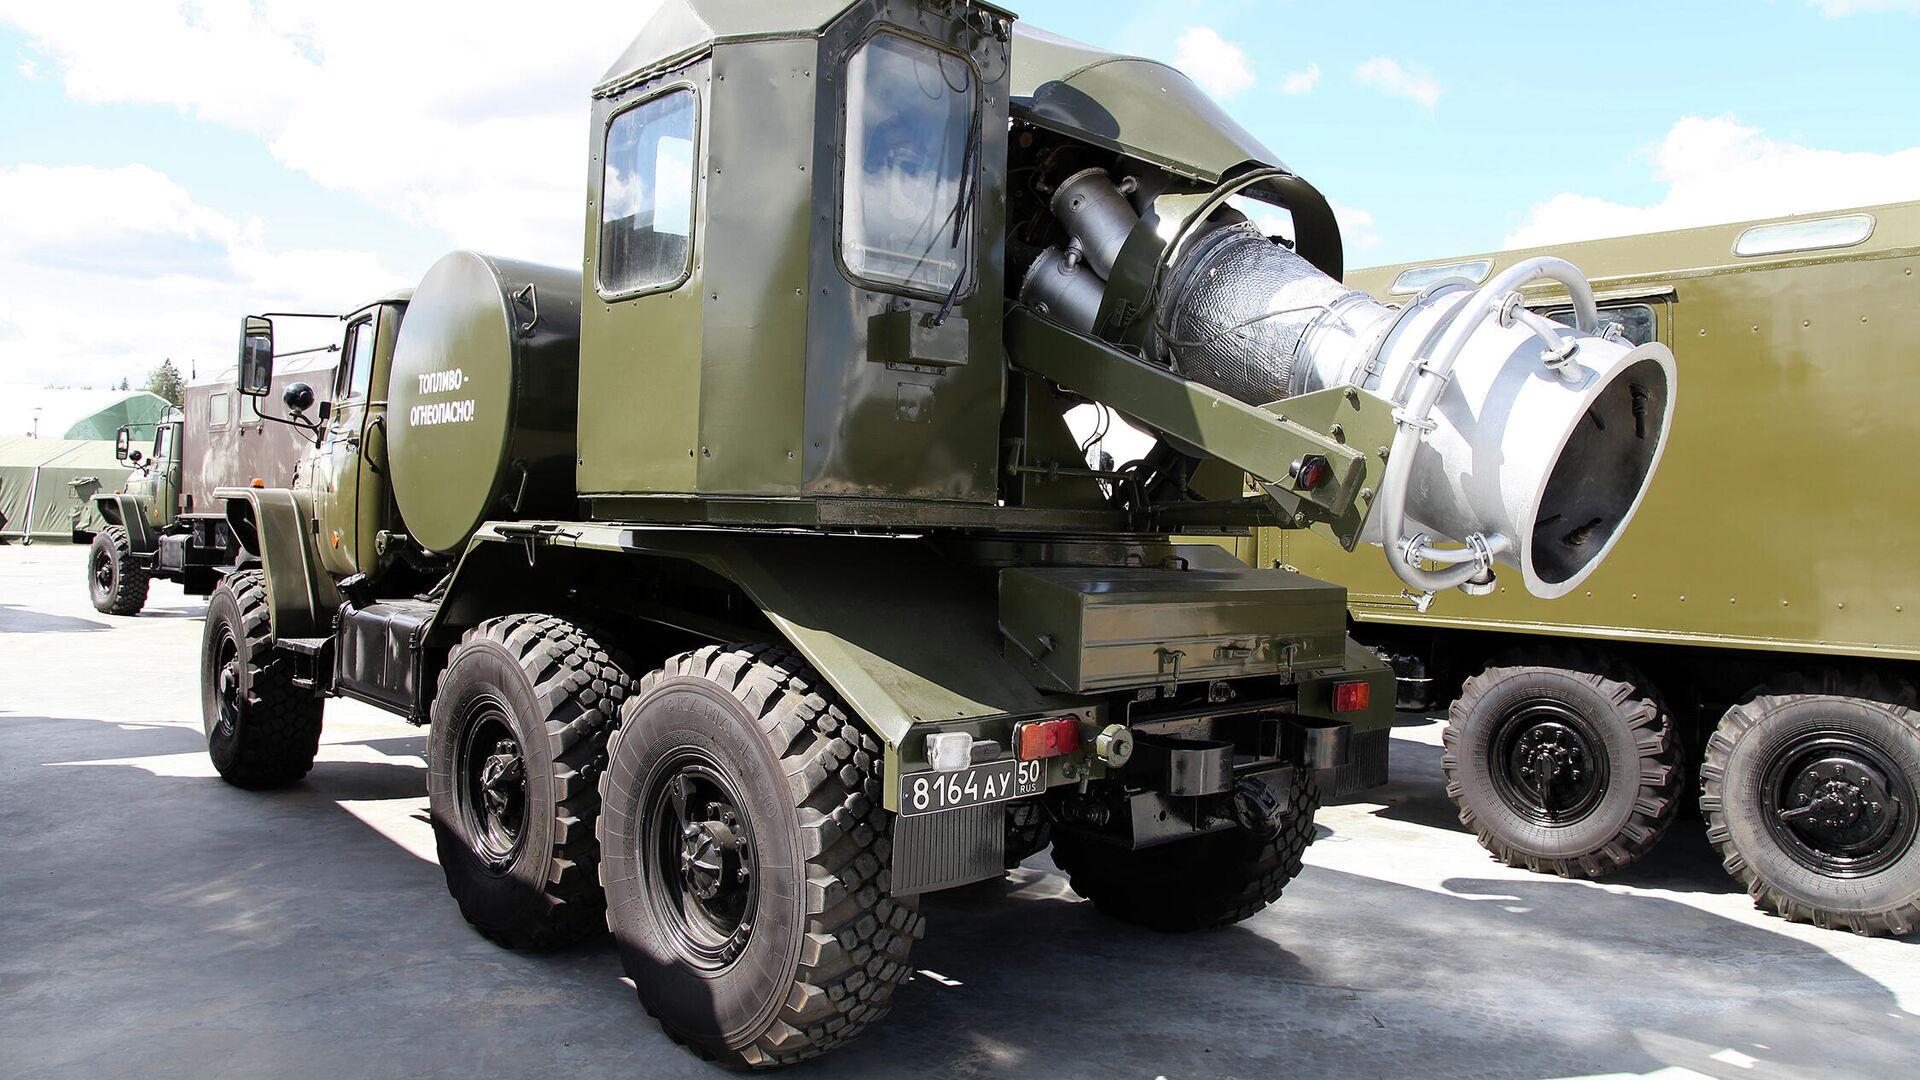 Un camión TMS-65U equipado con un motor turborreactor de un MiG-15  (imágen referencial) - Sputnik Mundo, 1920, 22.02.2021